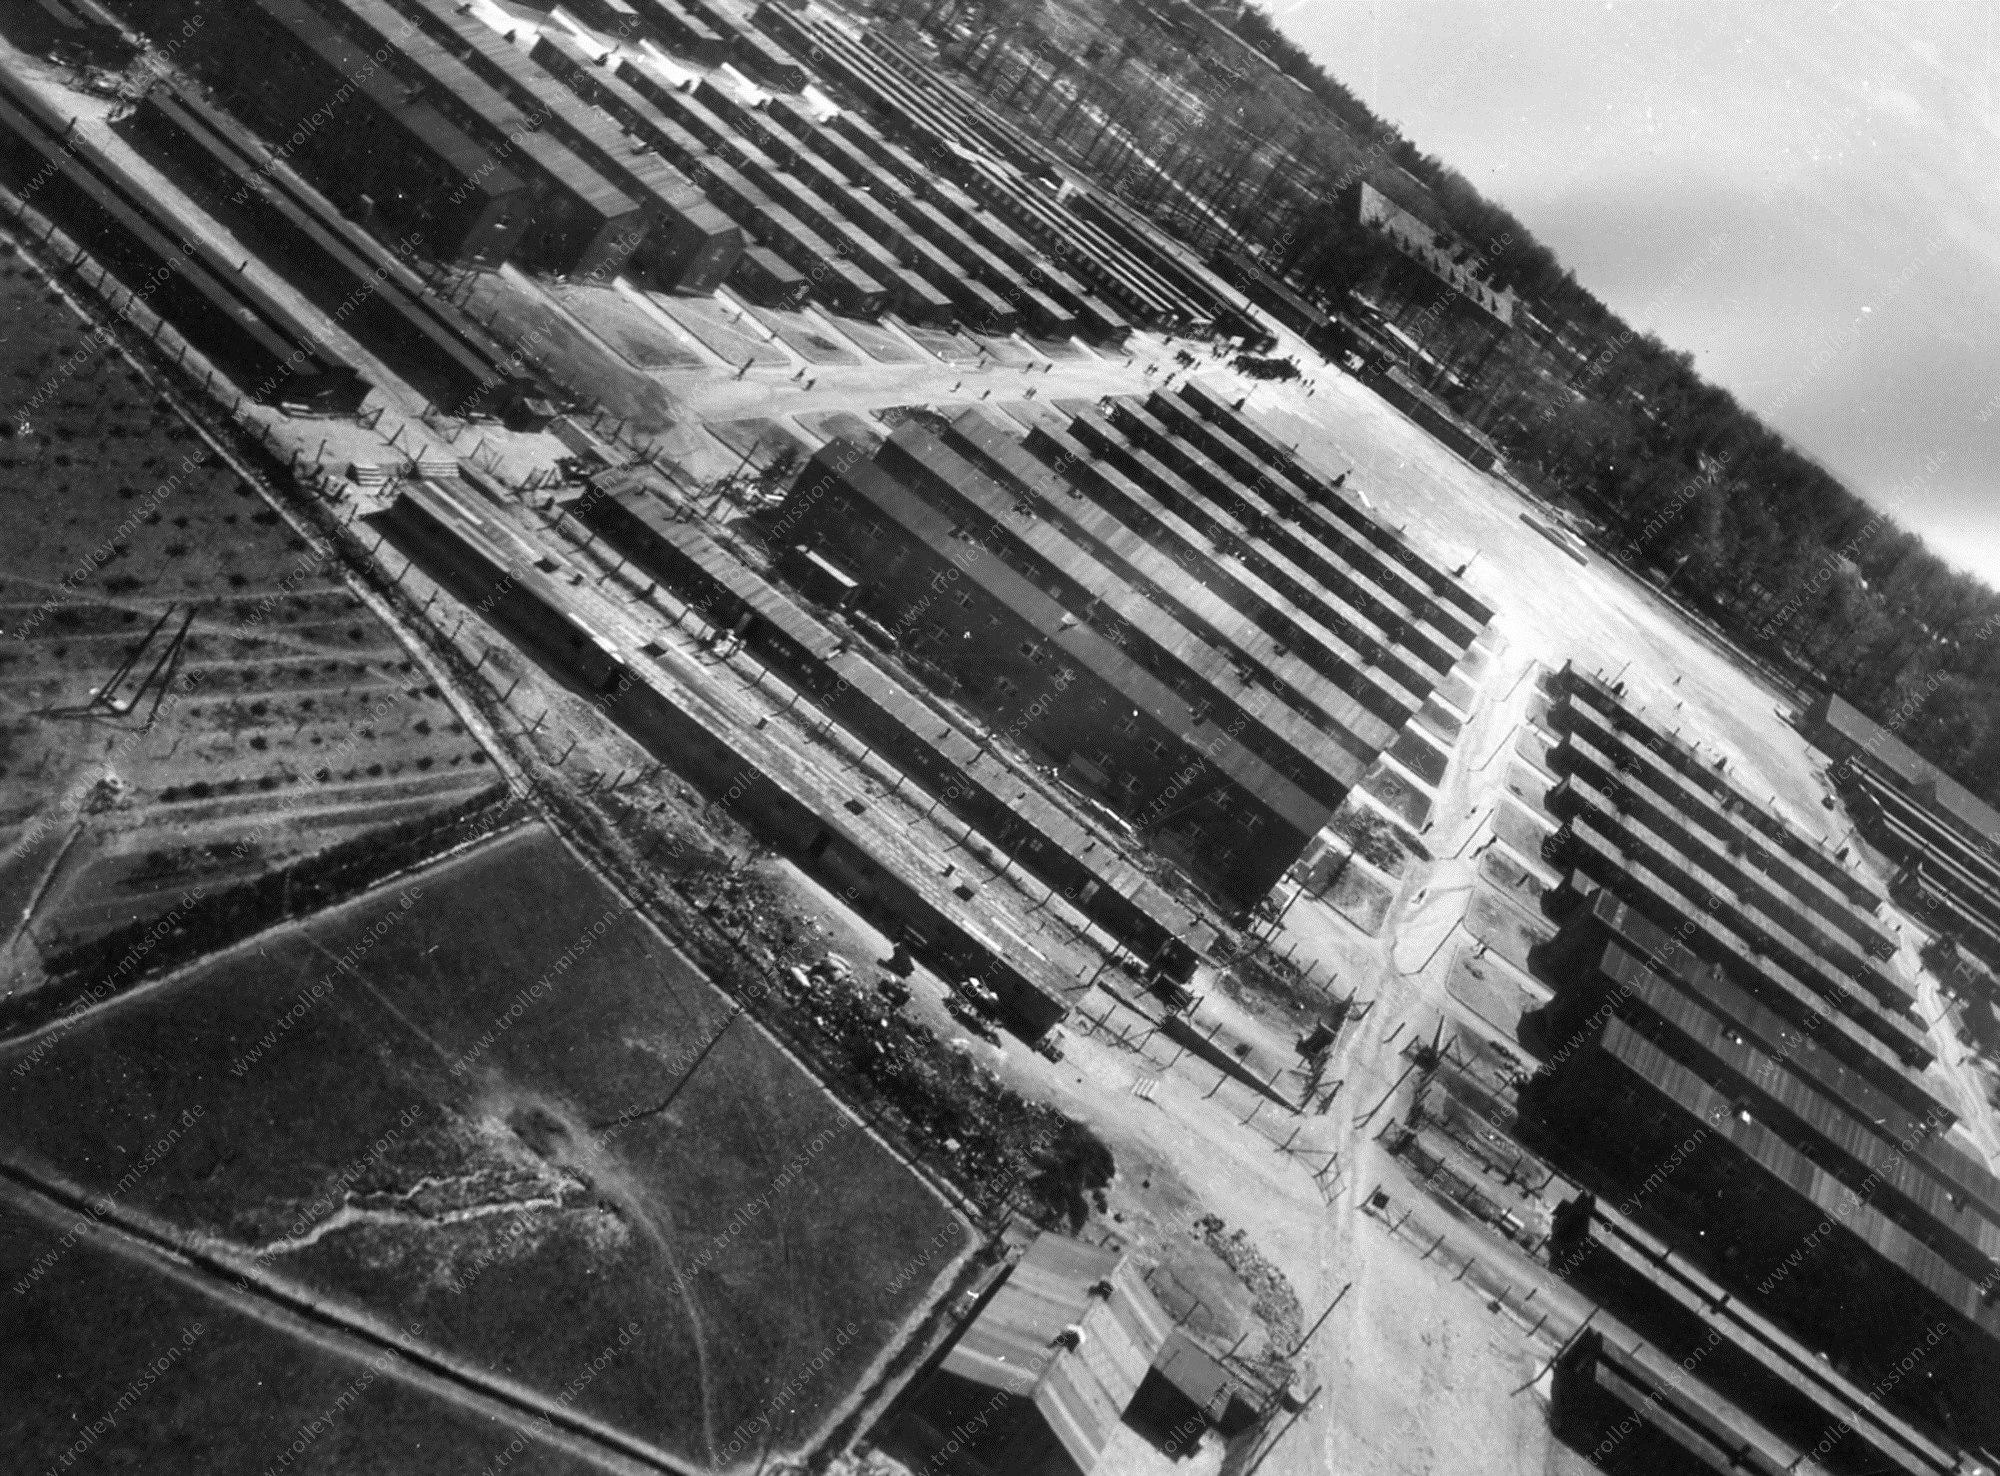 Flug über die Baracken des Konzentrationslagers Buchenwald